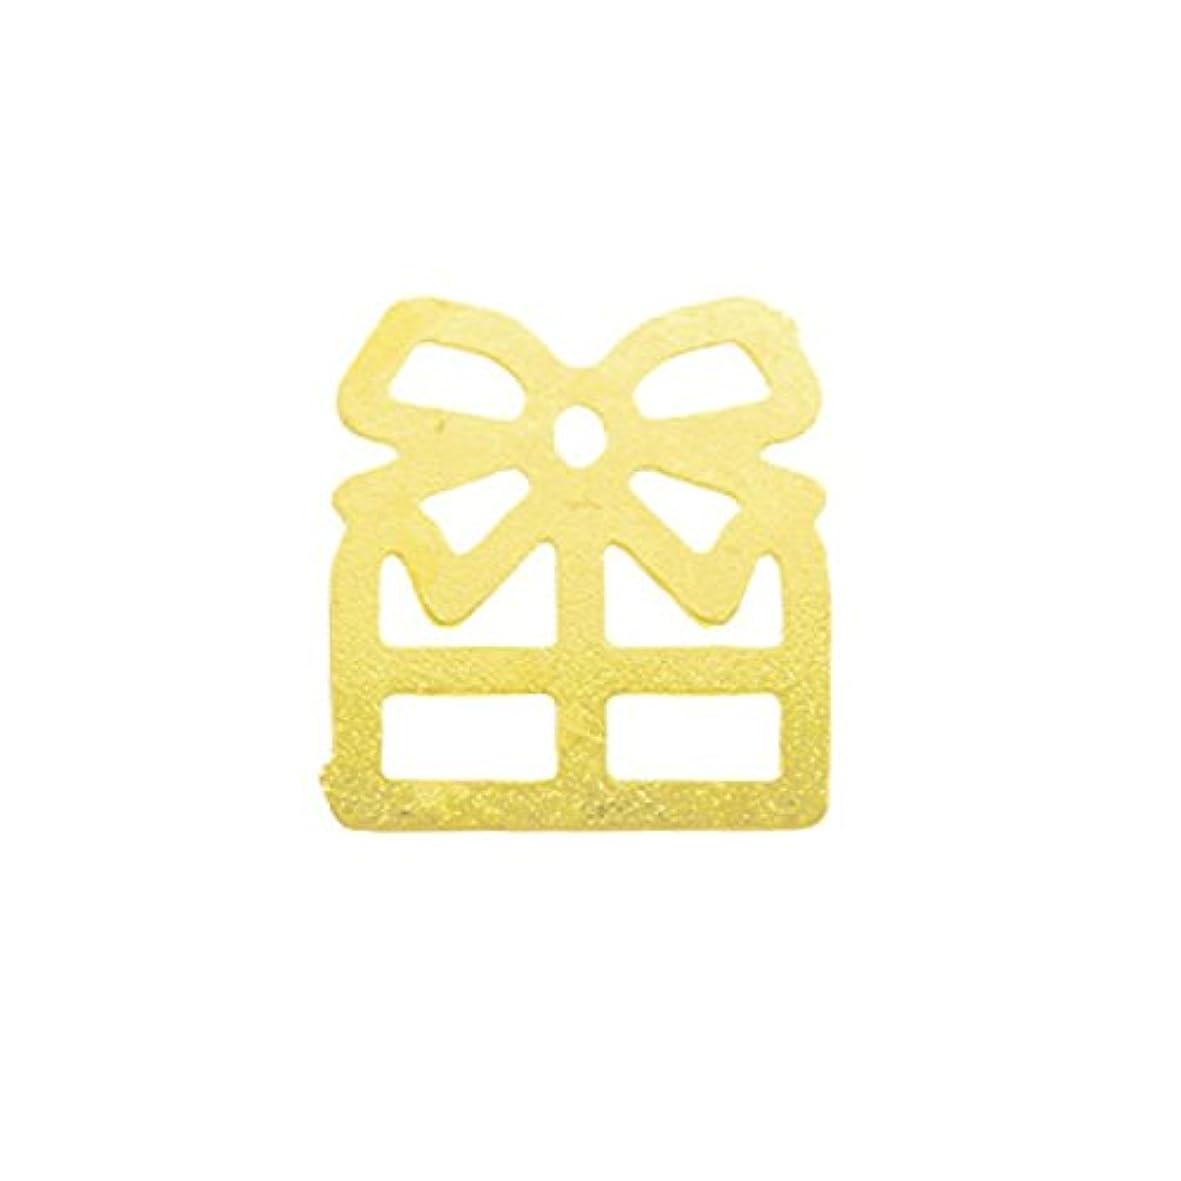 虚弱すごいゴールドメタルプレート(ネイルストーン デコ) プレゼント ゴールド (30個入り)(ネイル用品)